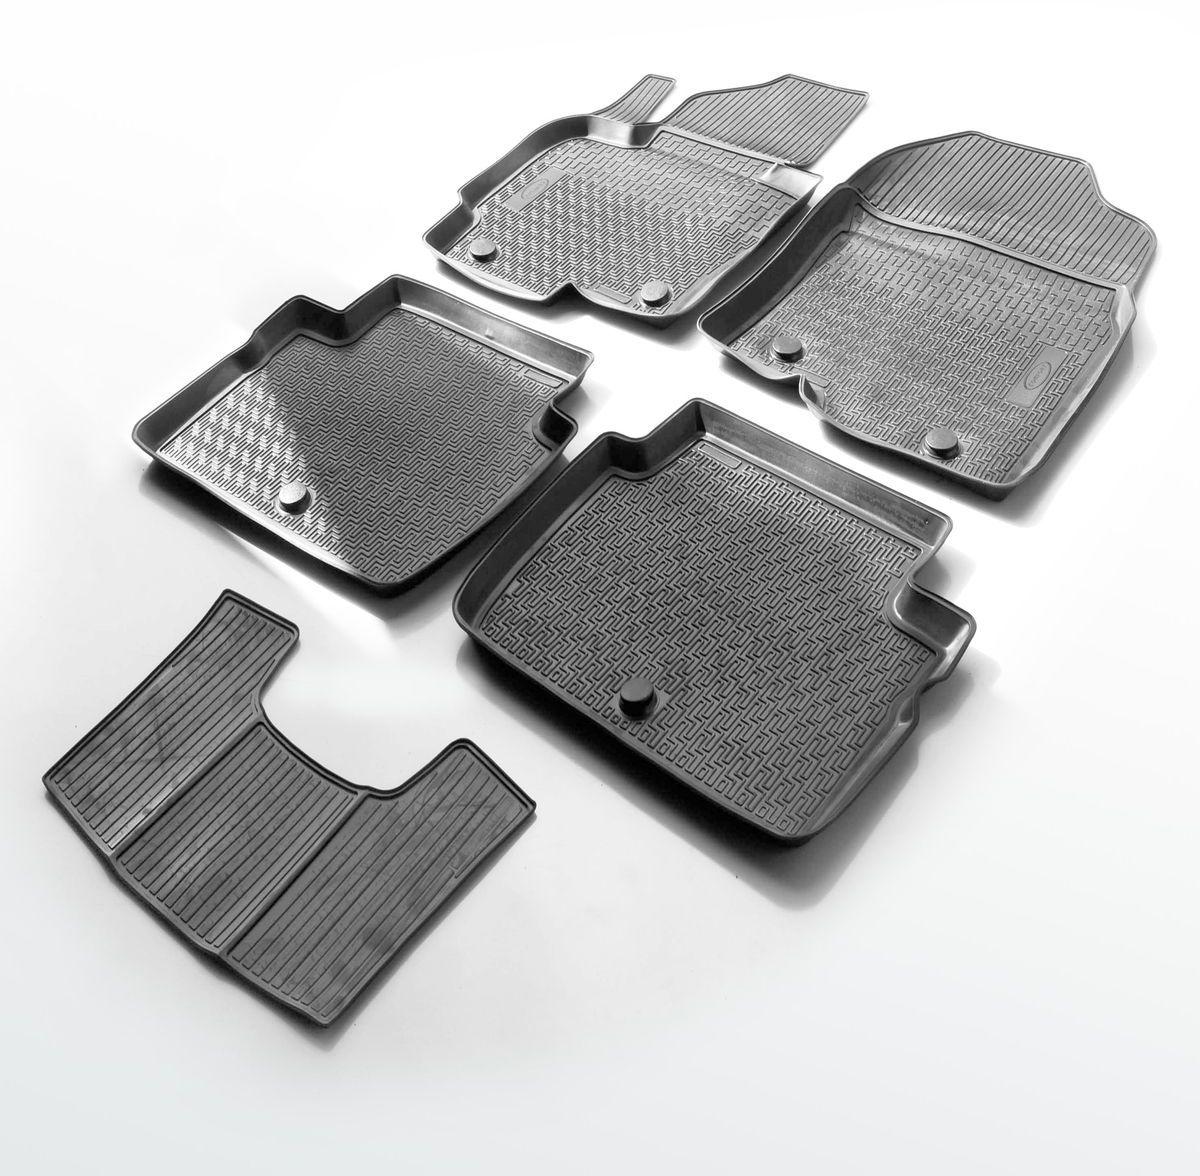 Коврики салона Rival для Renault Sandero 2014-, c перемычкой, полиуретан98298130Прочные и долговечные коврики Rival в салон автомобиля, изготовлены из высококачественного и экологичного сырья, полностью повторяют геометрию салона вашего автомобиля.- Надежная система крепления, позволяющая закрепить коврик на штатные элементы фиксации, в результате чего отсутствует эффект скольжения по салону автомобиля.- Высокая стойкость поверхности к стиранию.- Специализированный рисунок и высокий борт, препятствующие распространению грязи и жидкости по поверхности коврика.- Перемычка задних ковриков в комплекте предотвращает загрязнение тоннеля карданного вала.- Произведены из первичных материалов, в результате чего отсутствует неприятный запах в салоне автомобиля.- Высокая эластичность, можно беспрепятственно эксплуатировать при температуре от -45 ?C до +45 ?C.Уважаемые клиенты!Обращаем ваше внимание,что коврики имеет формусоответствующую модели данного автомобиля. Фото служит для визуального восприятия товара.